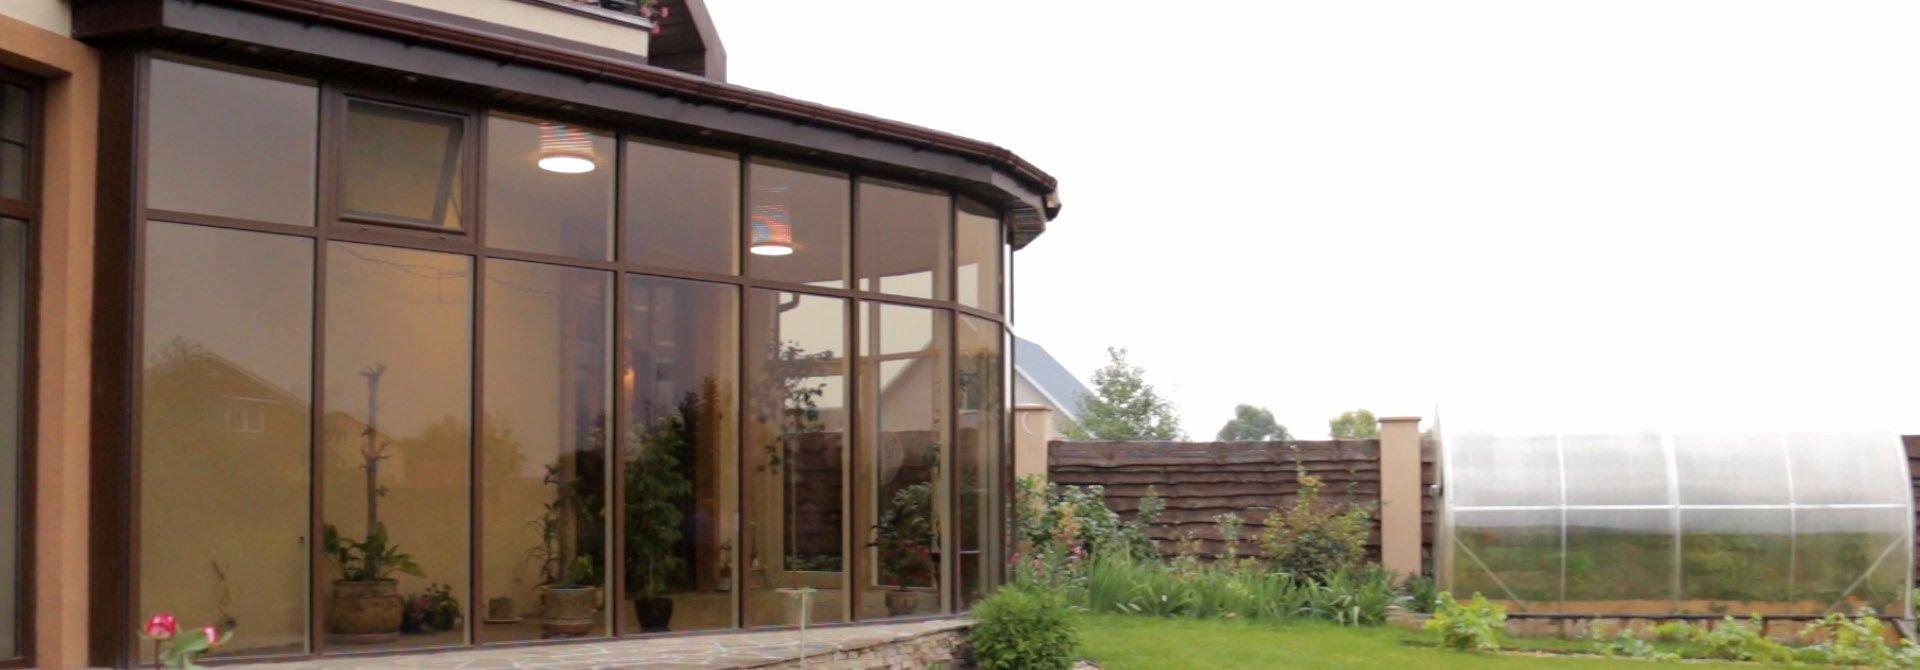 Пластикові вікна Polytec 50 - це традиційне німецьке якість